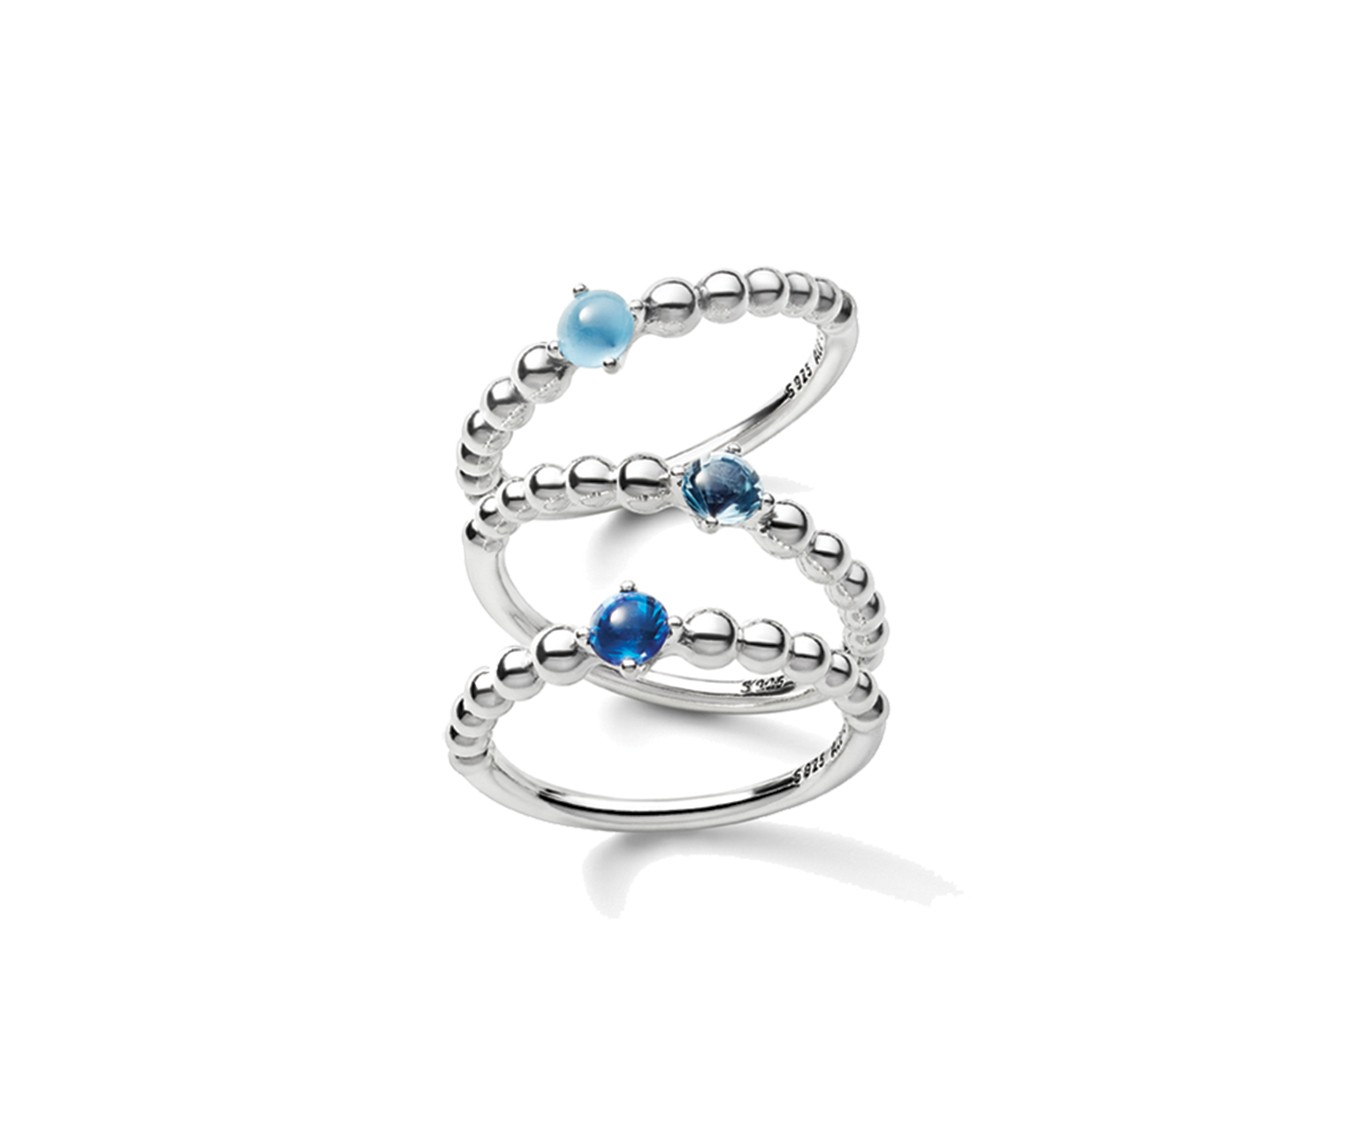 Shop Now: Τα κοσμήματα που θα σου θυμίζουν για πάντα το καλοκαίρι σου